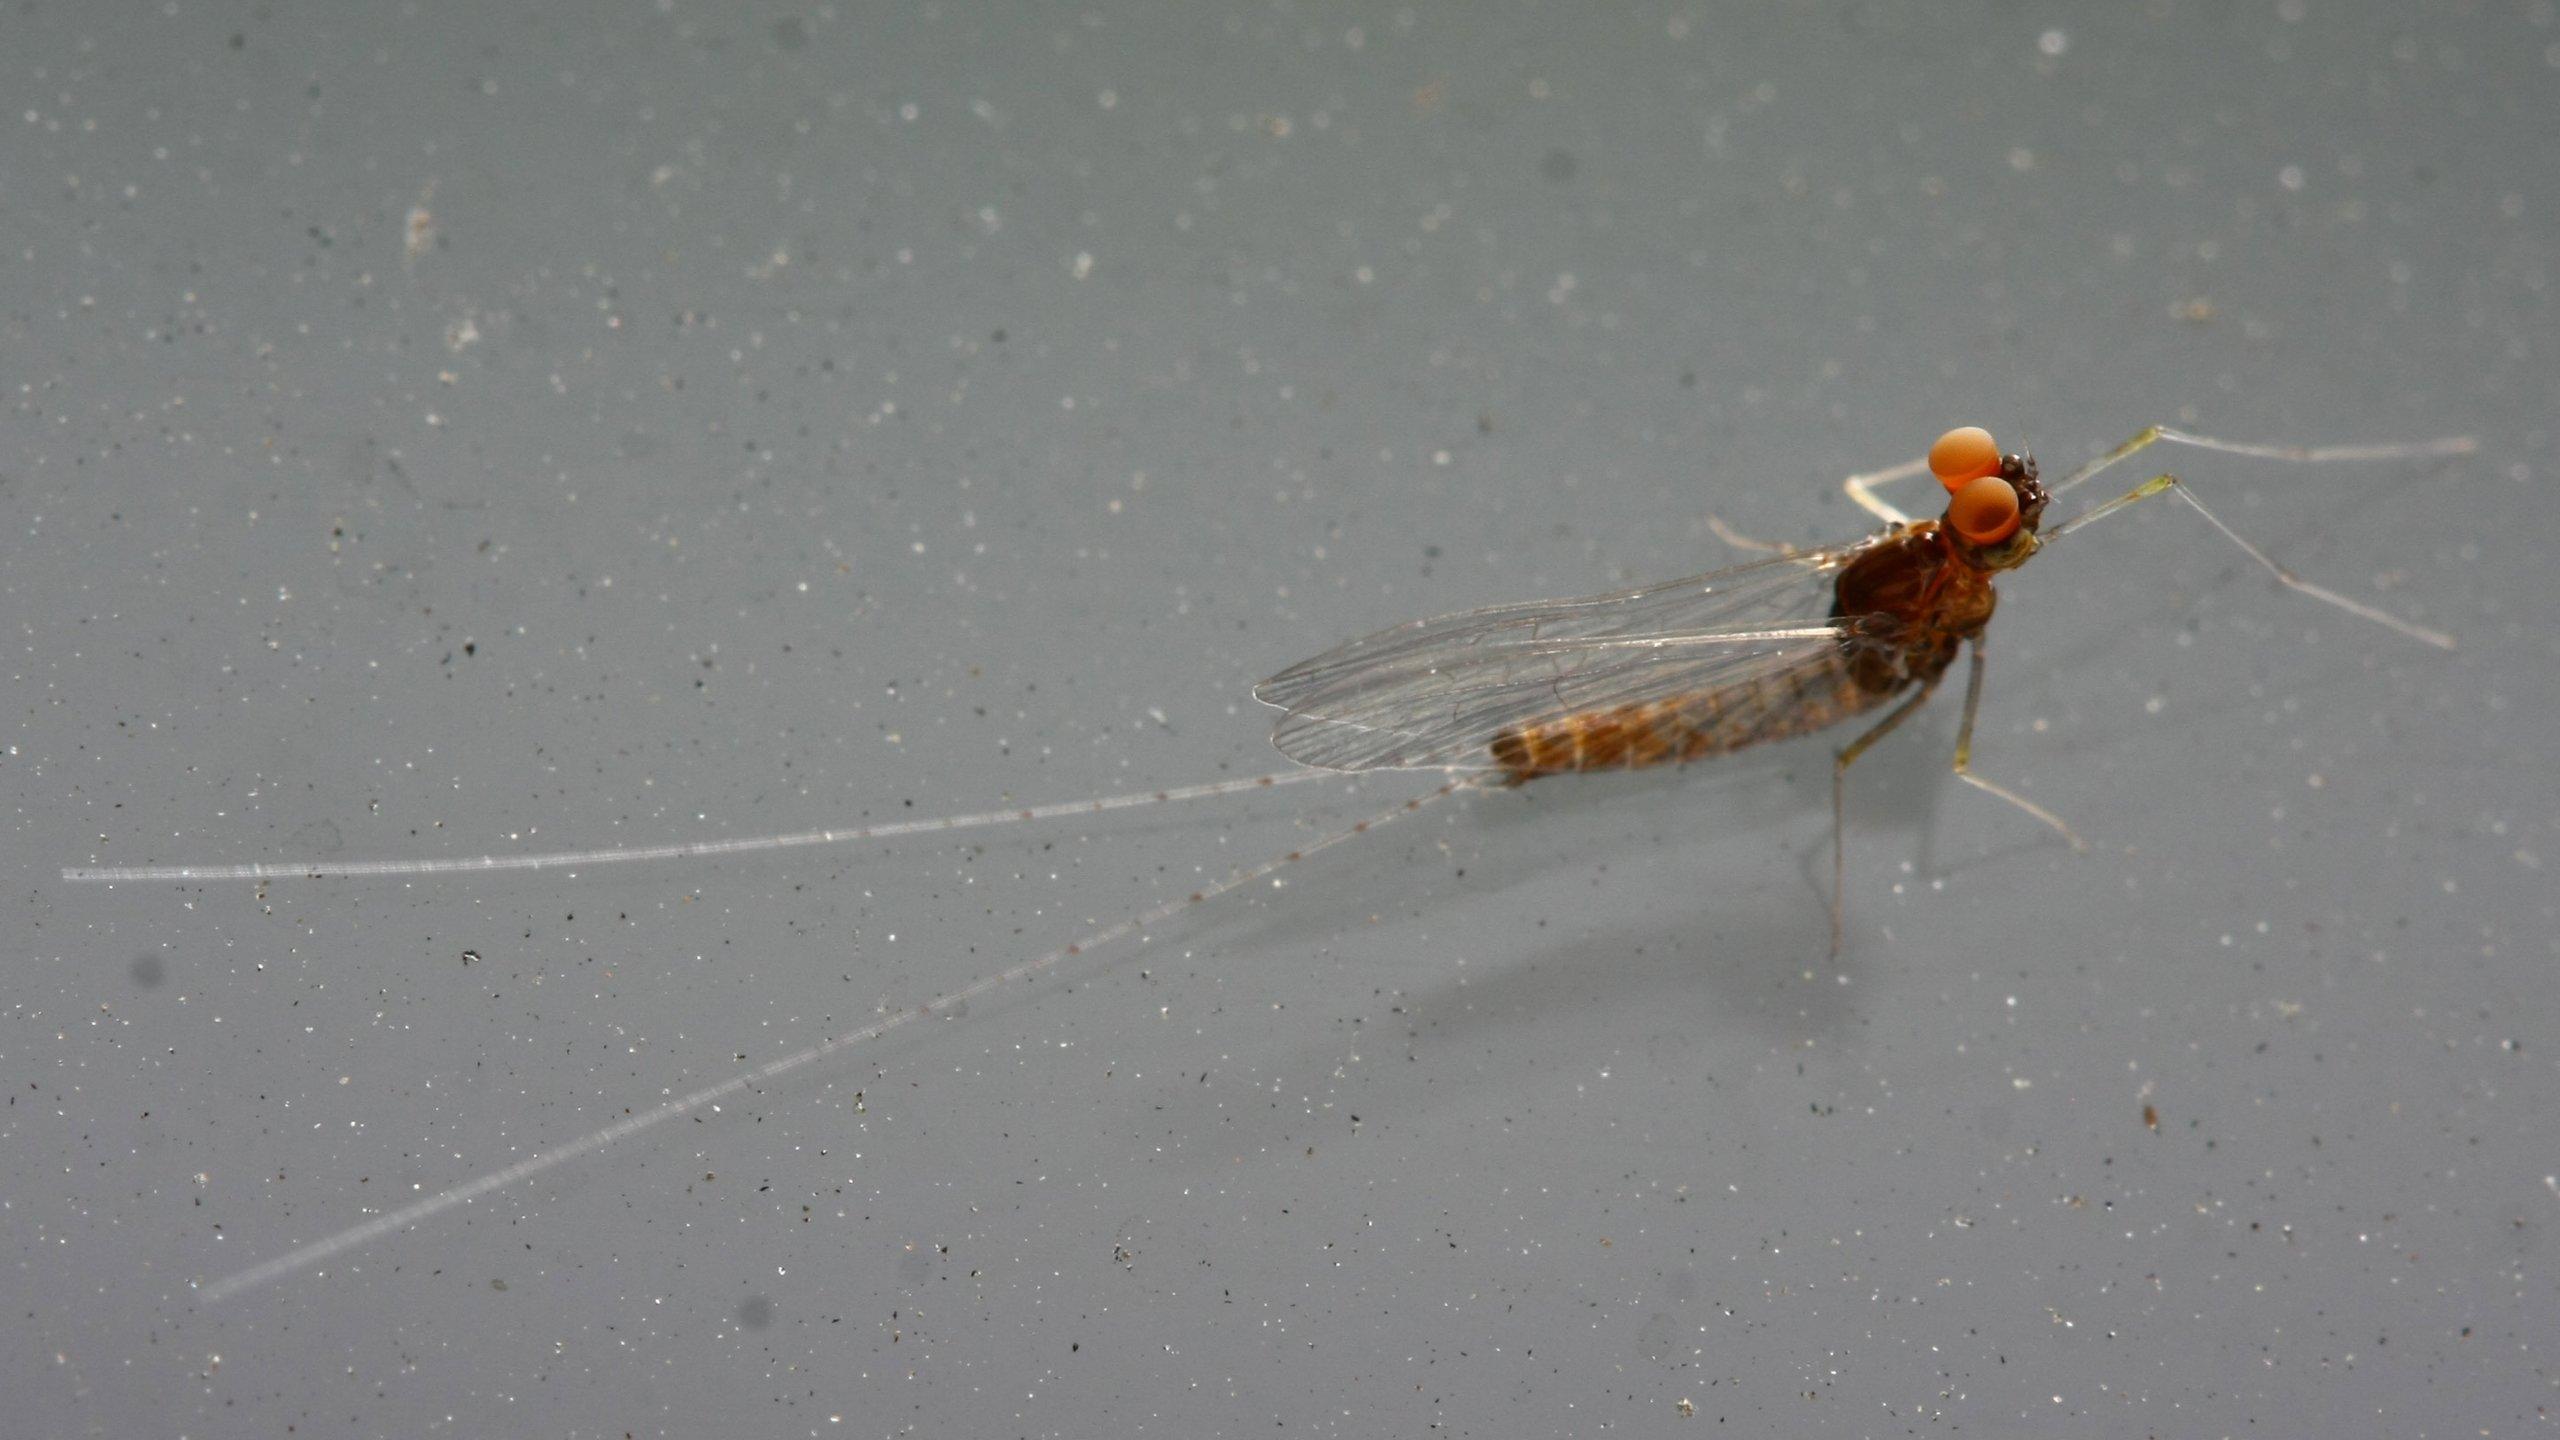 Крылья насекомых могли развиться из ножек